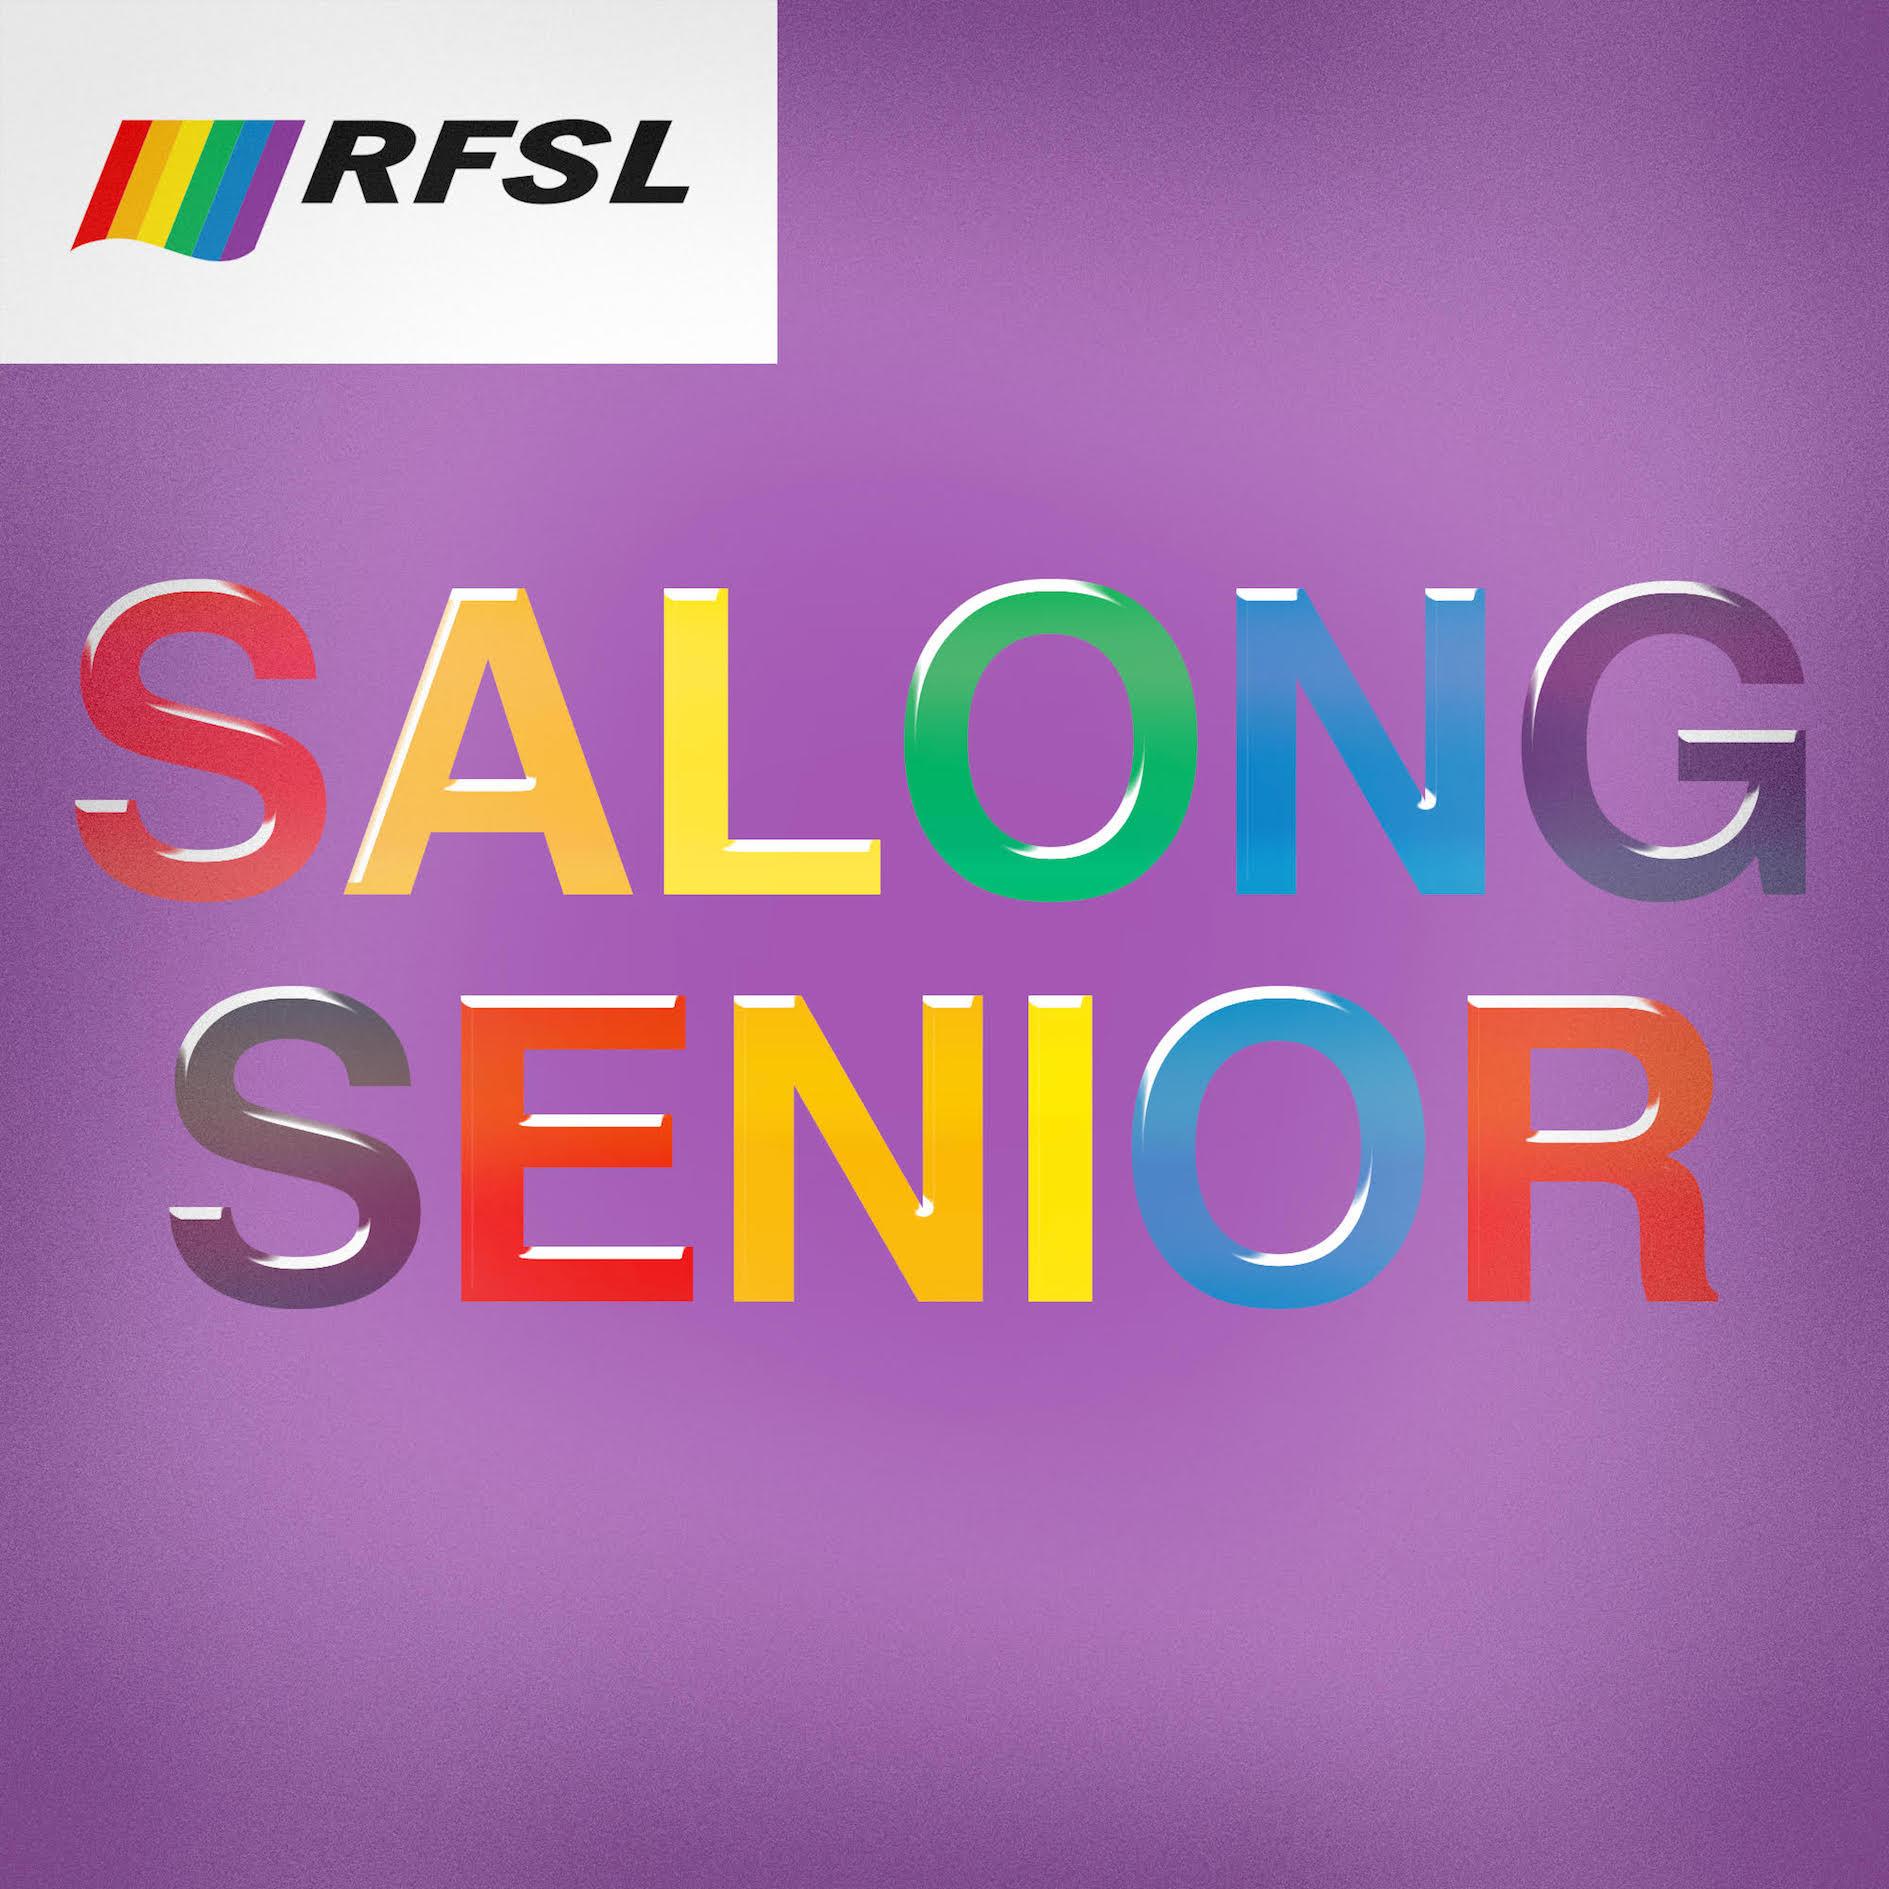 Salong Senior 3. Familj